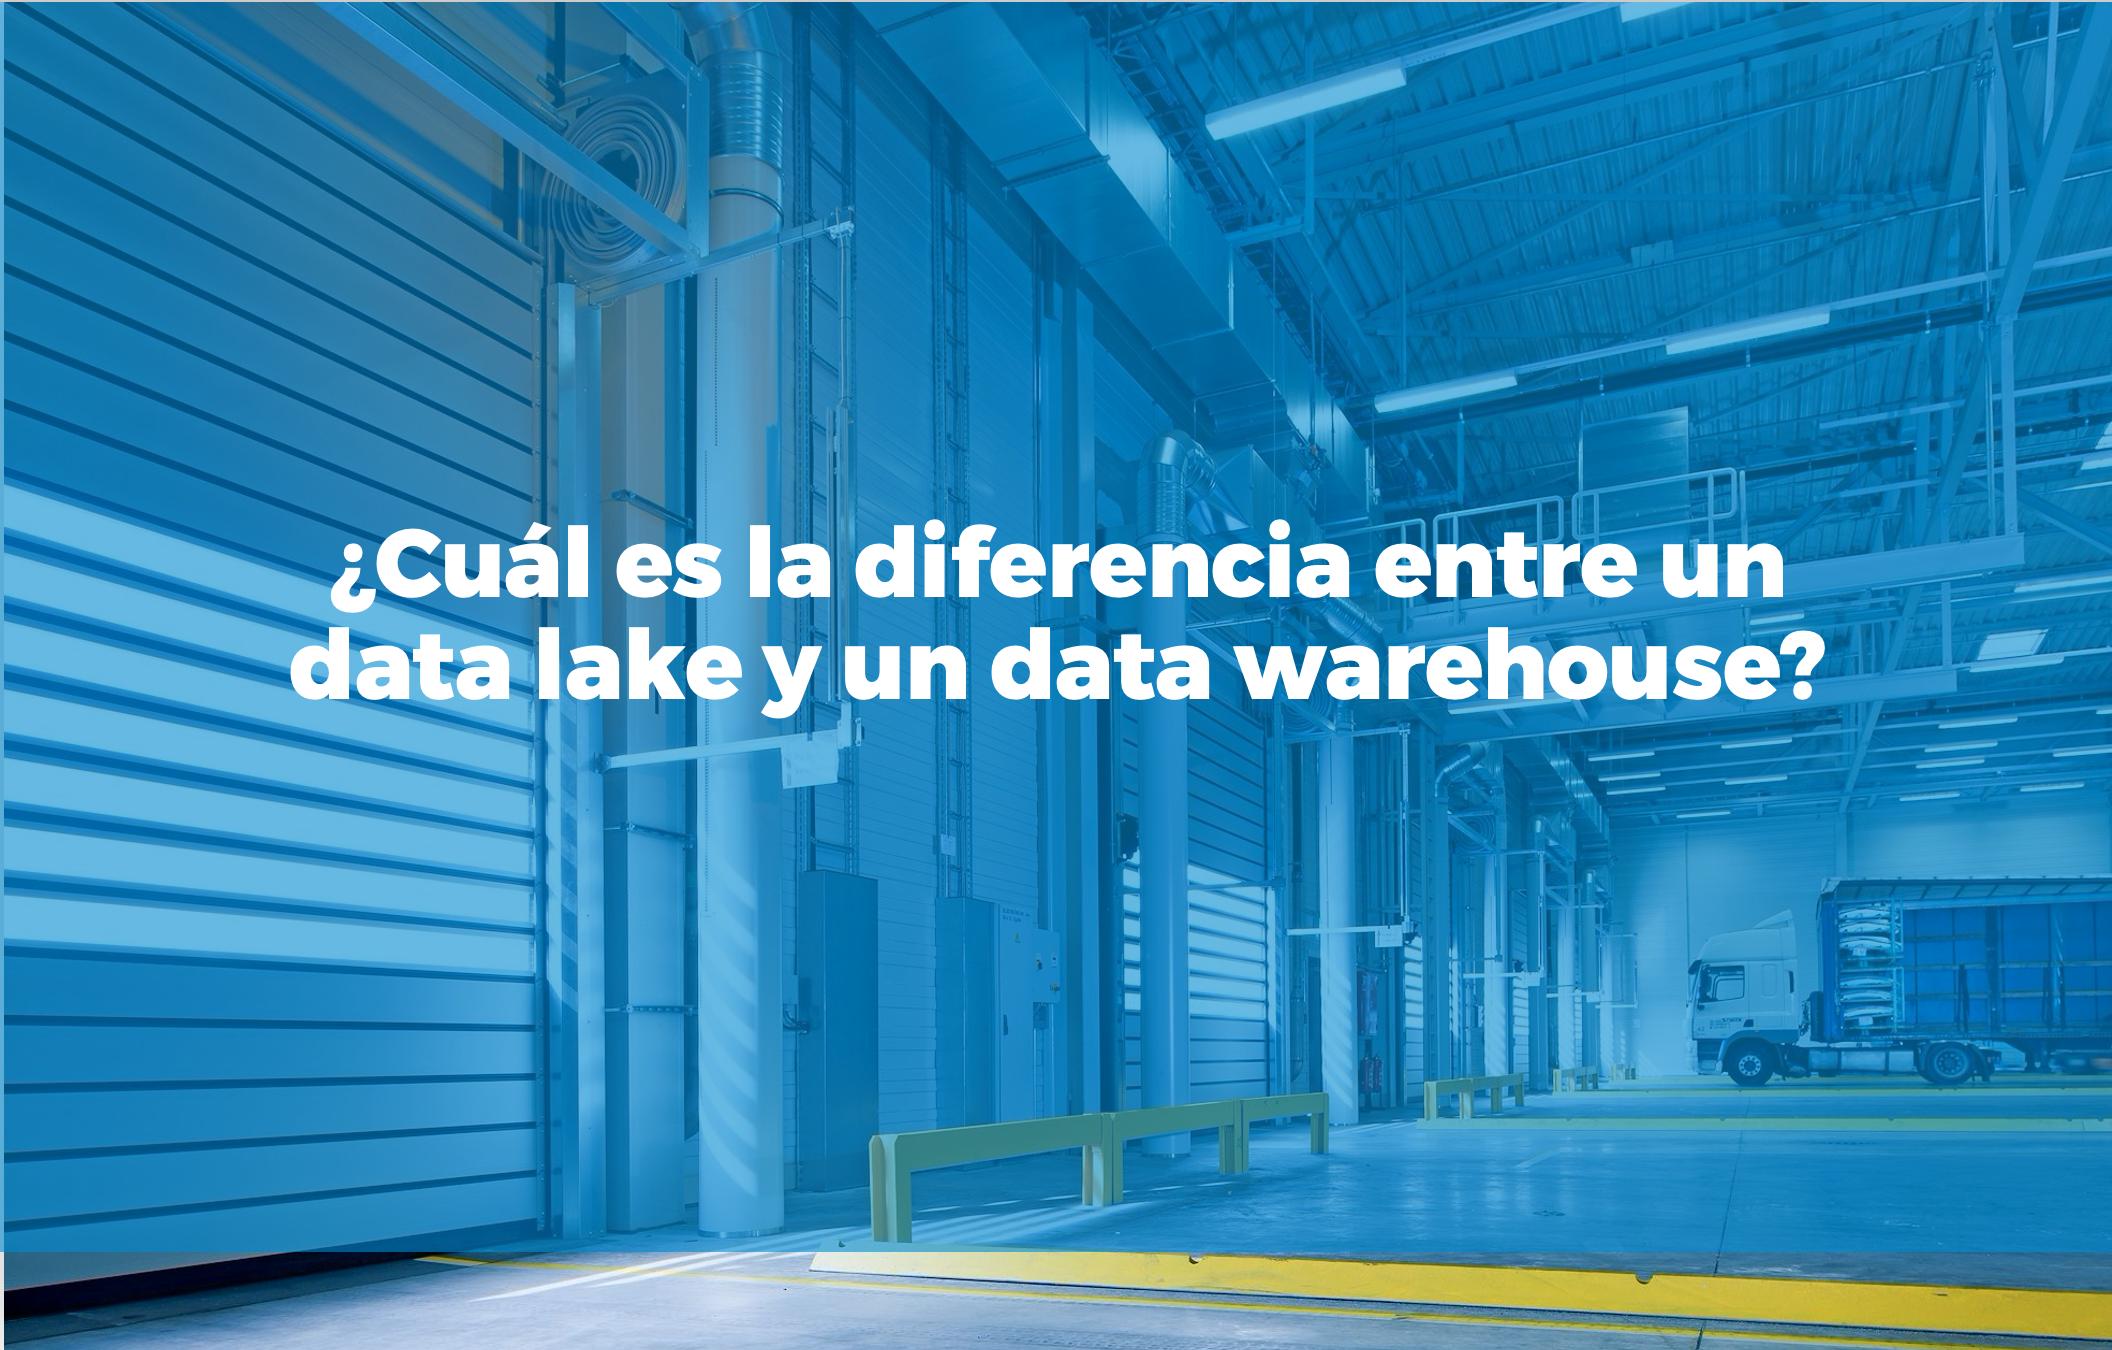 Bismart cuál es la diferencia entre un data lake y un data warehouse